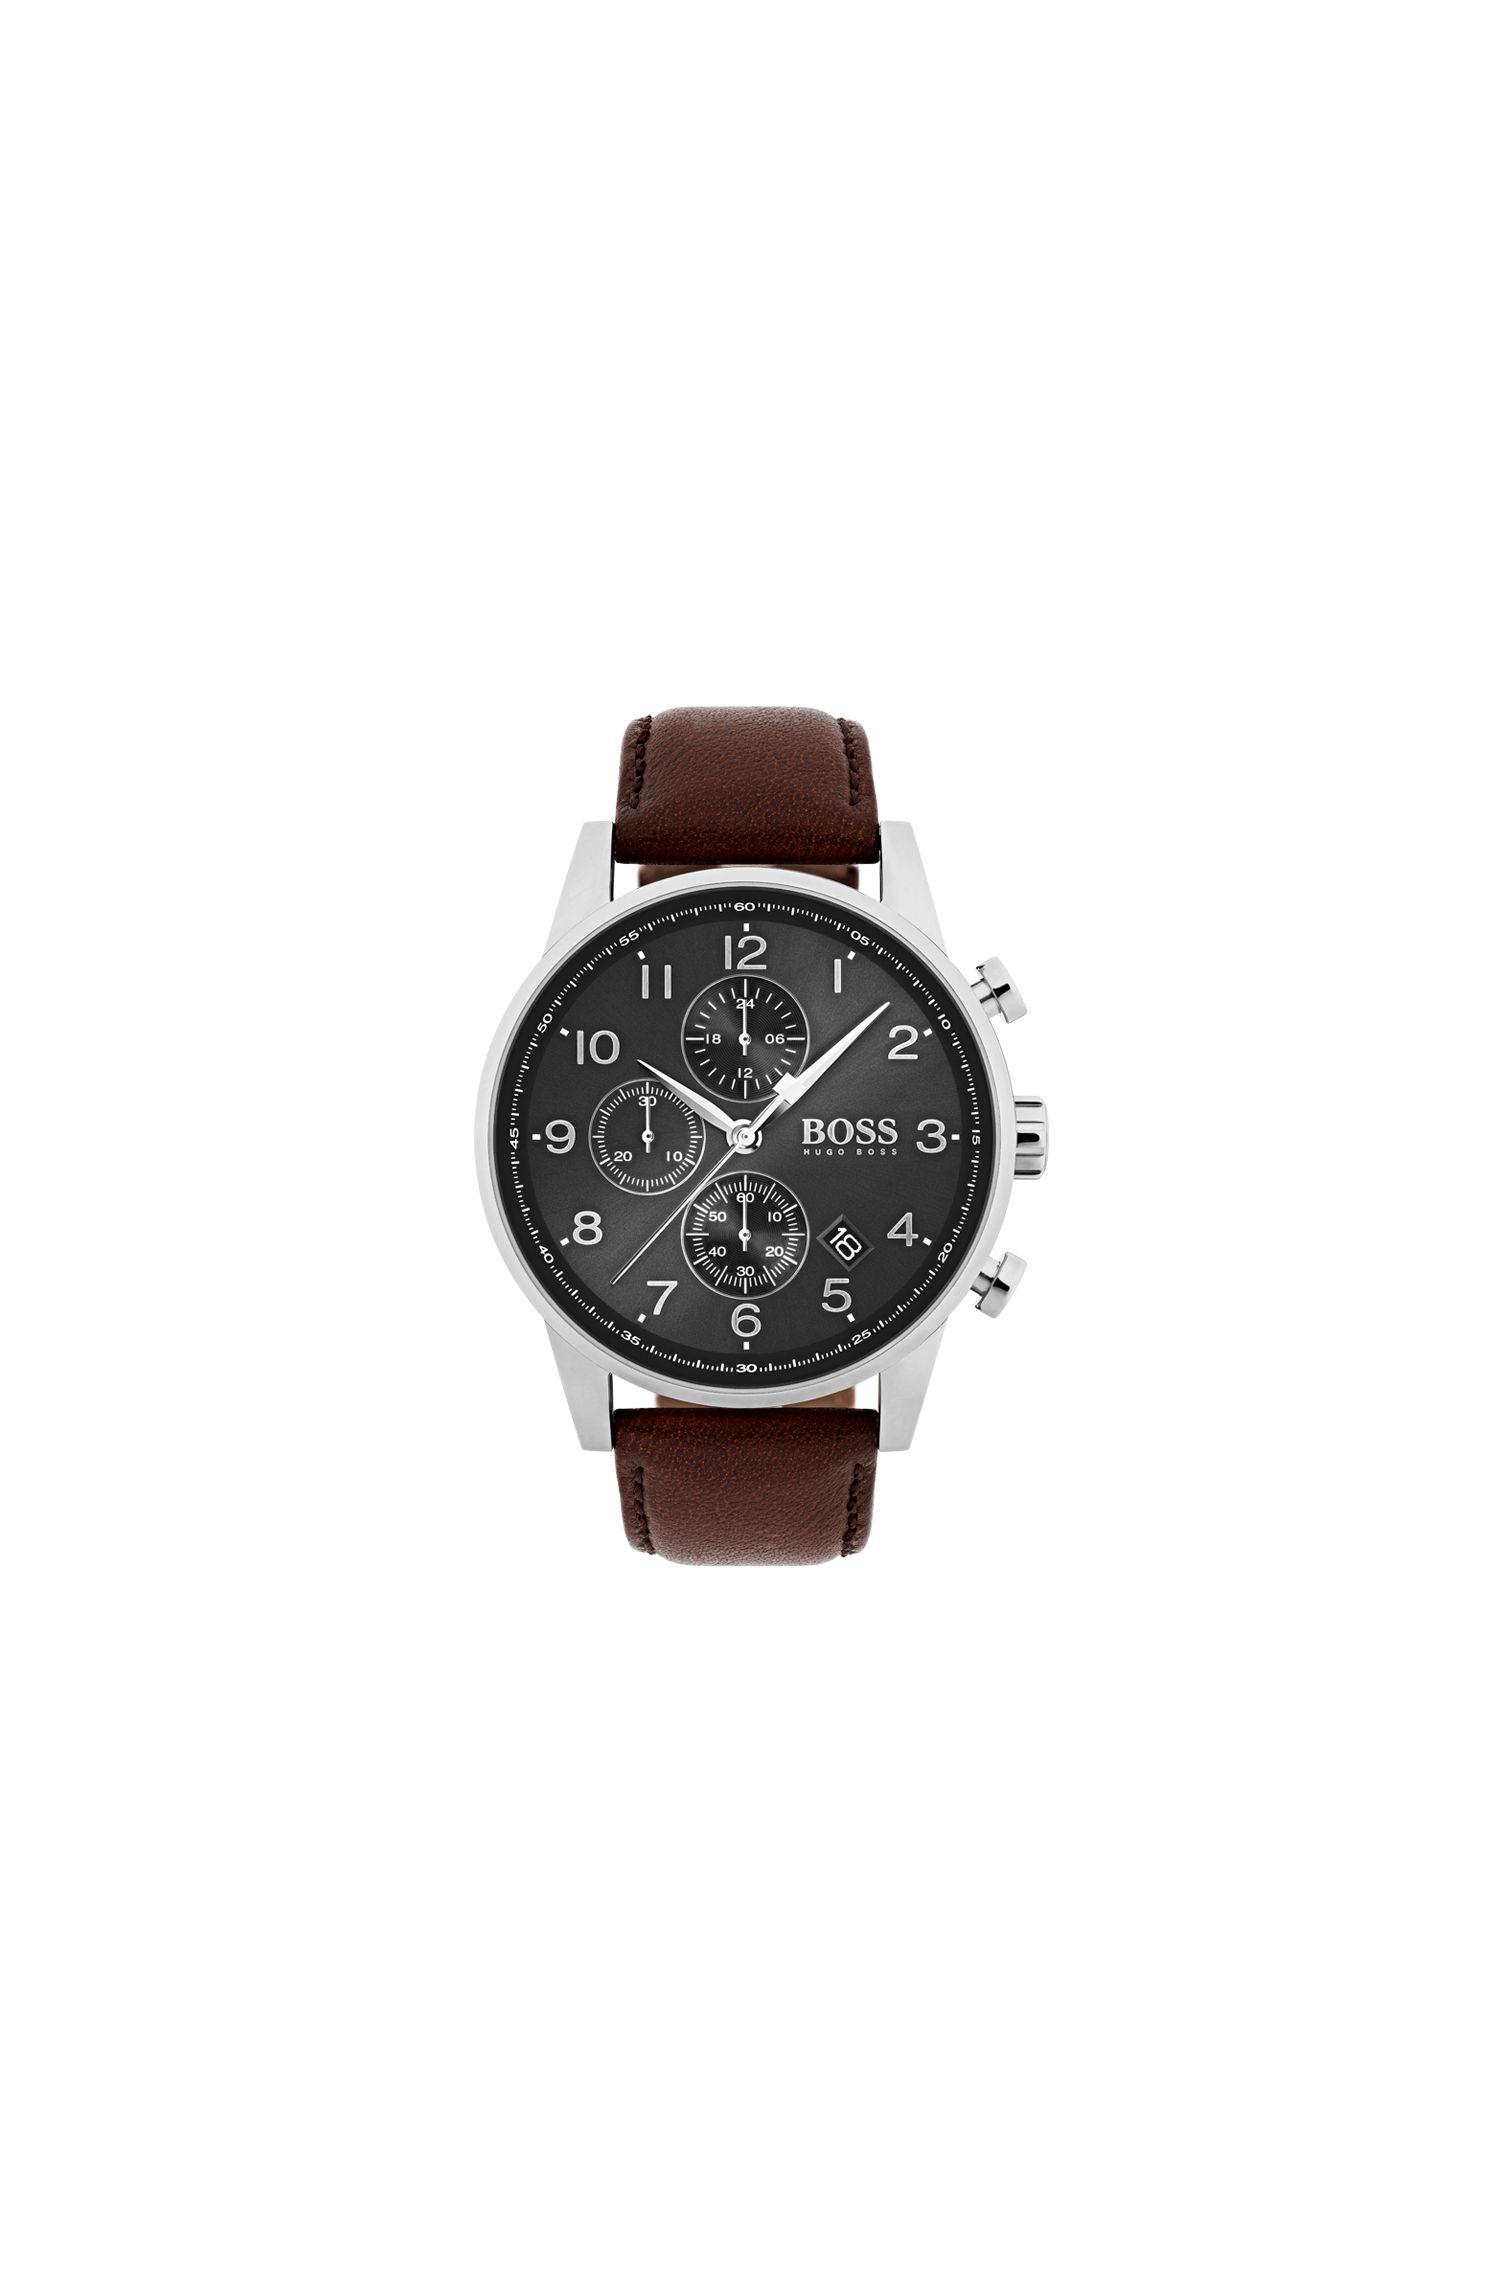 Cronografo in acciaio inox lucido con cinturino in pelle marrone